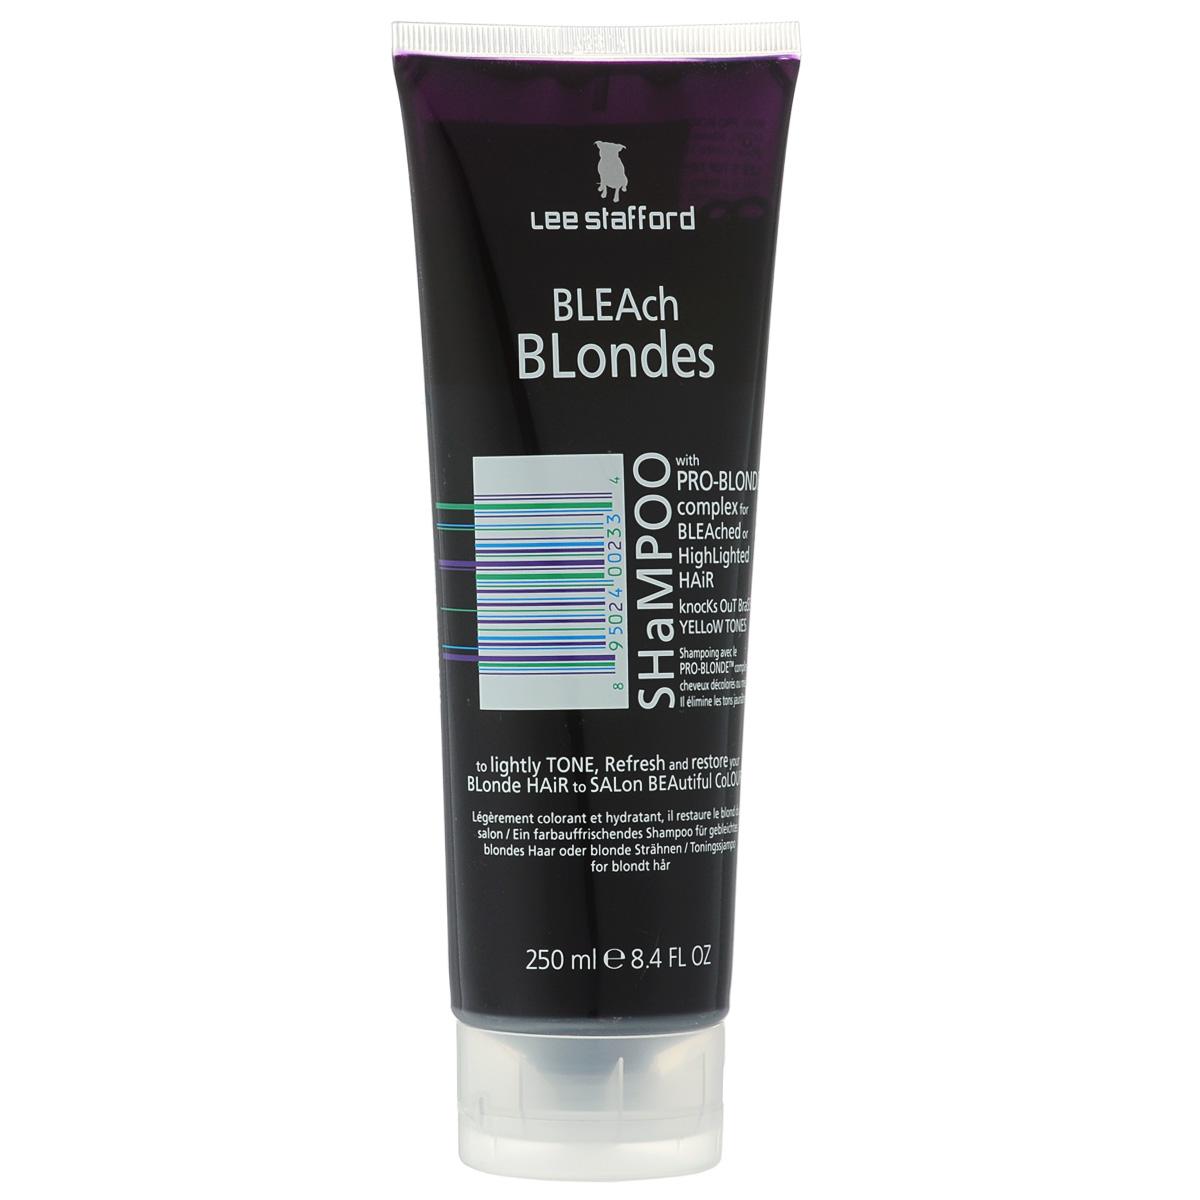 Lee Stafford Шампунь для осветленных волос Bleach Blonde, 250 мл637726200115 Lee Stafford Шампунь для осветленных волос Bleach Blonde Shampoo, 250 мл. Разработан специально для осветленных волос. Сохраняет цвет и придает волосам платиновый оттенок. Комплекс Pro-Blonde содержит пантенол, экстракты ромашки и семян моринги, которые сохраняют естественный блеск и шелковистость. Предотвращают потерю цвета от воздействия УФ-лучей. Нанесите на влажные волосы, помассируйте голову, хорошо промойте. Использовать не чаще 3 раз в неделю.